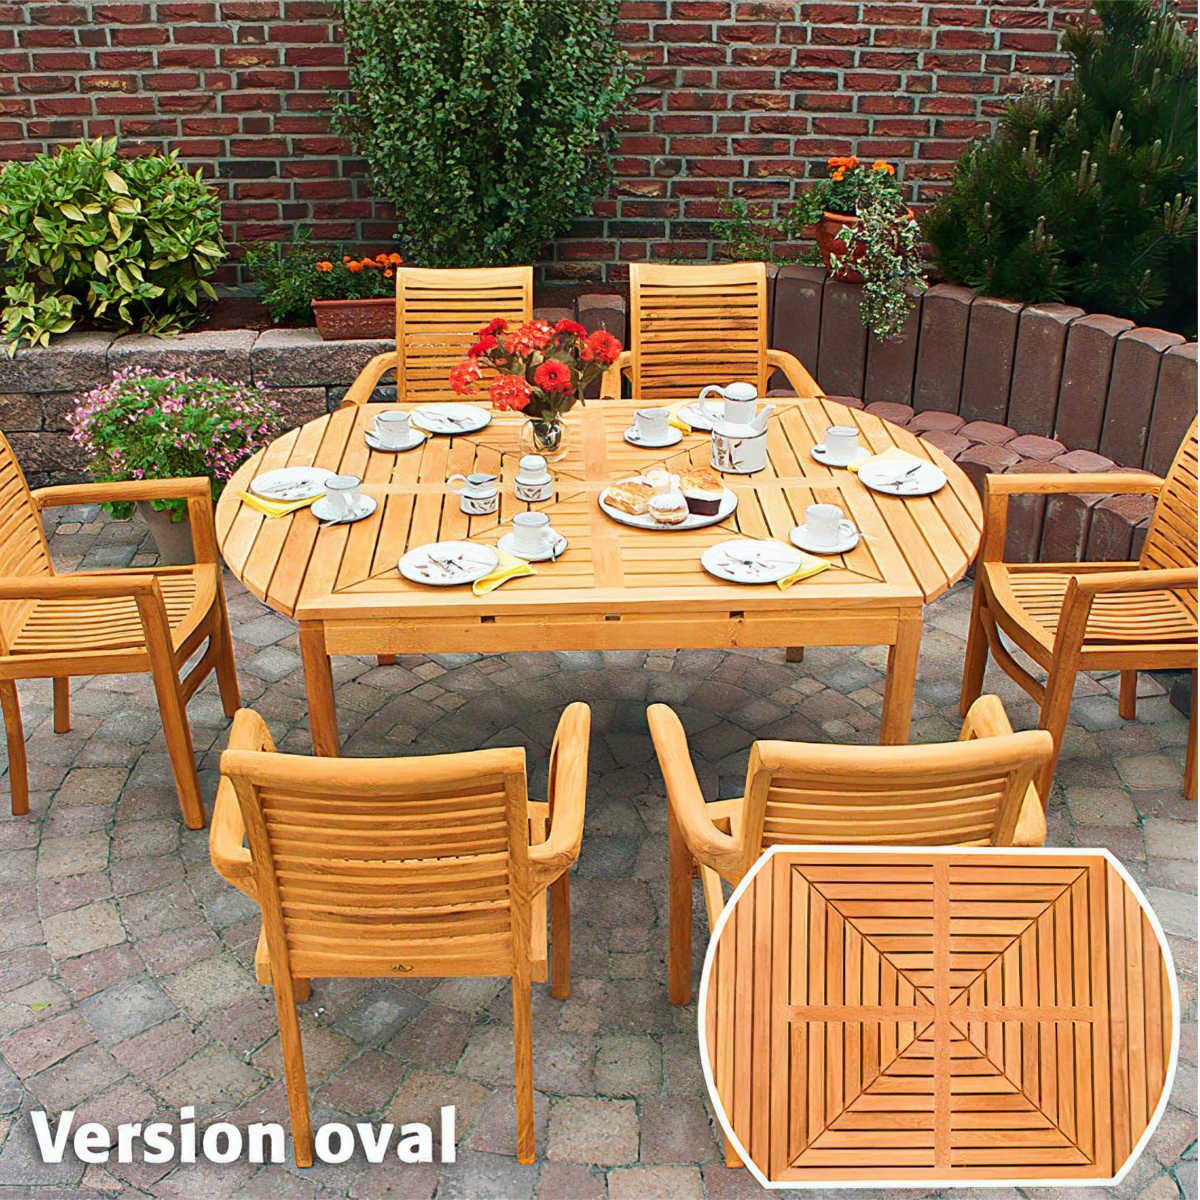 Garten & Terrasse Sitzgarnitur TEAK Gartenmöbel Gartenbank